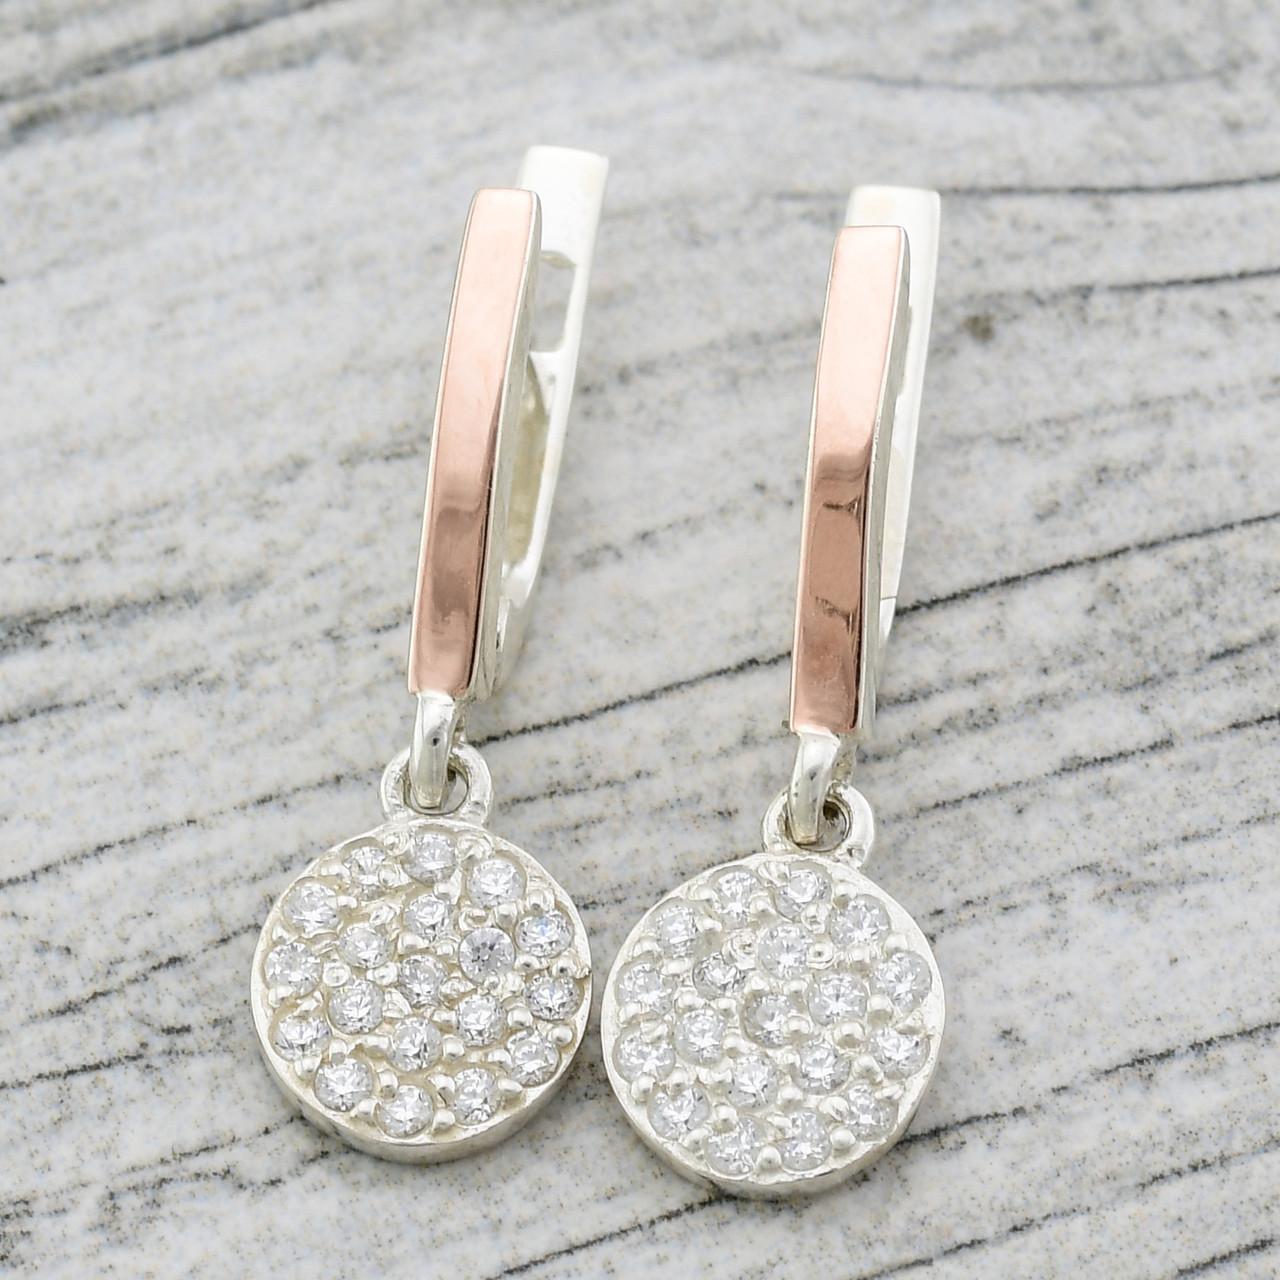 """Серебряные серьги """"Лия"""", размер 26*9 мм, белые фианиты, вес 3.5 г"""